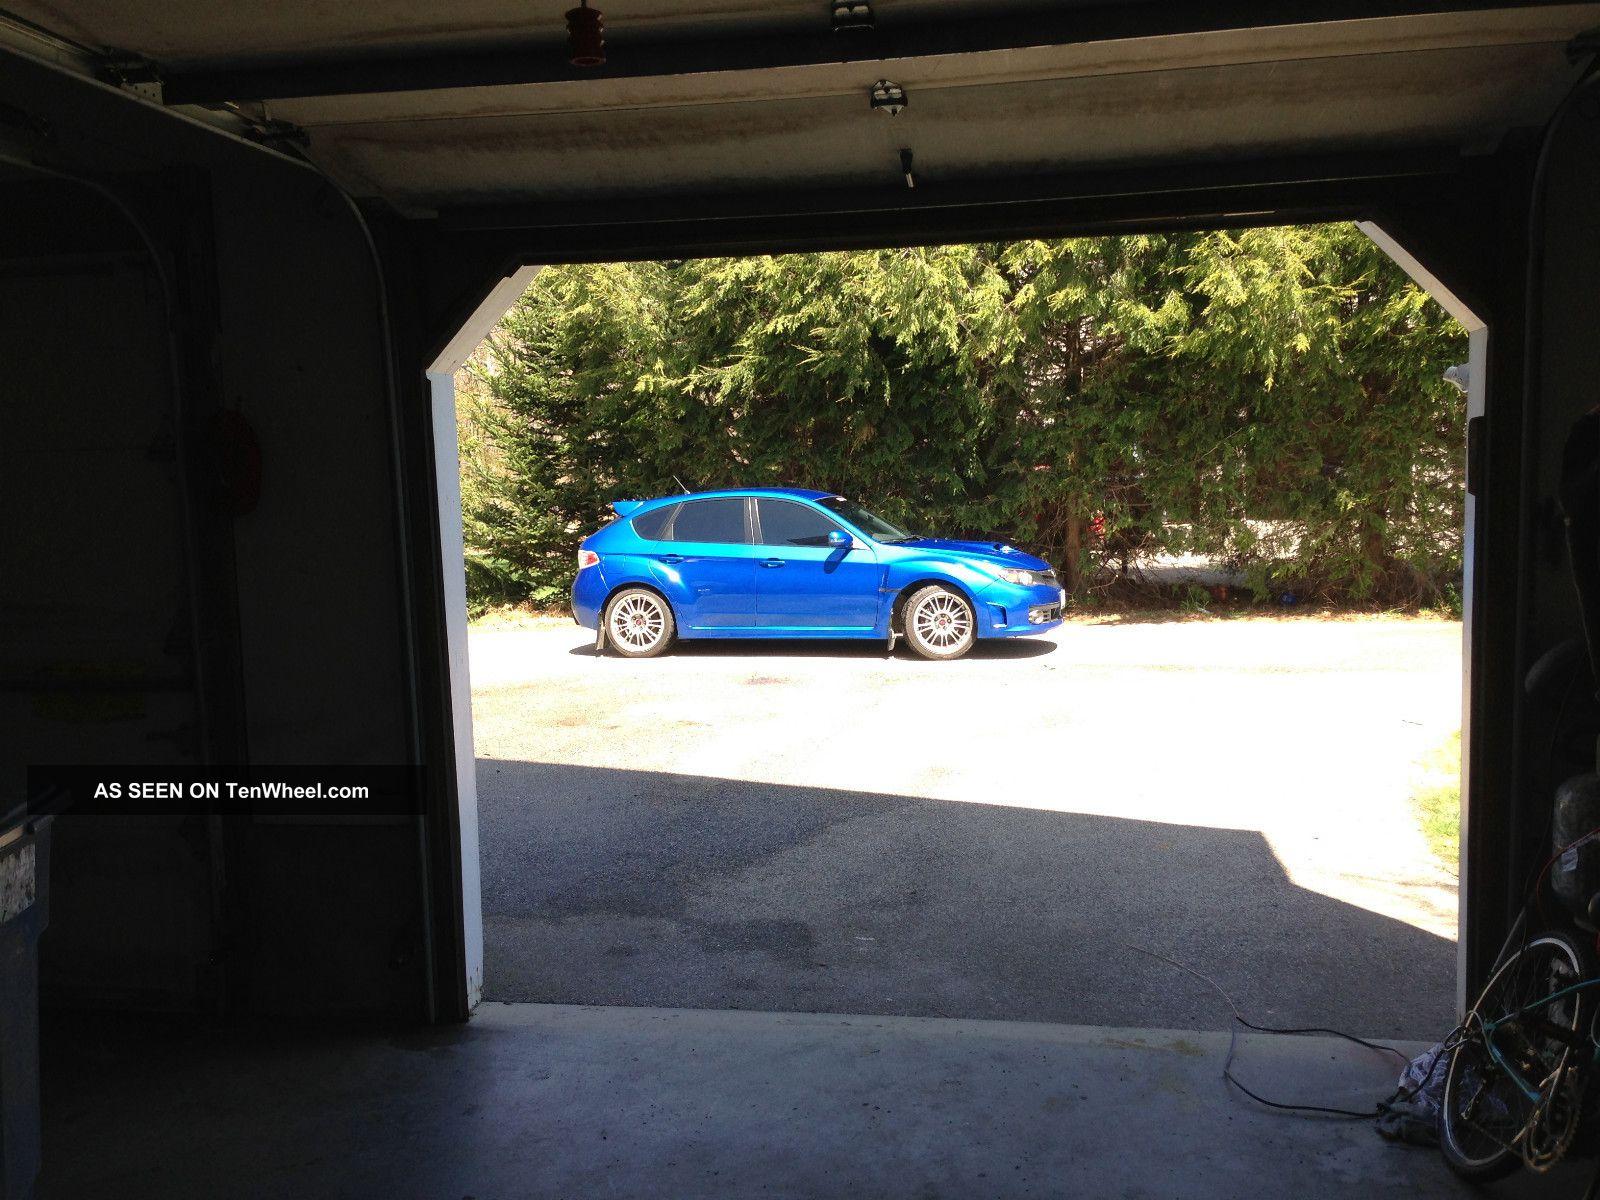 2008 Subaru Wrx Sti Hatch Wrc Blue Cobb Stage 2 - 2 Sets Of